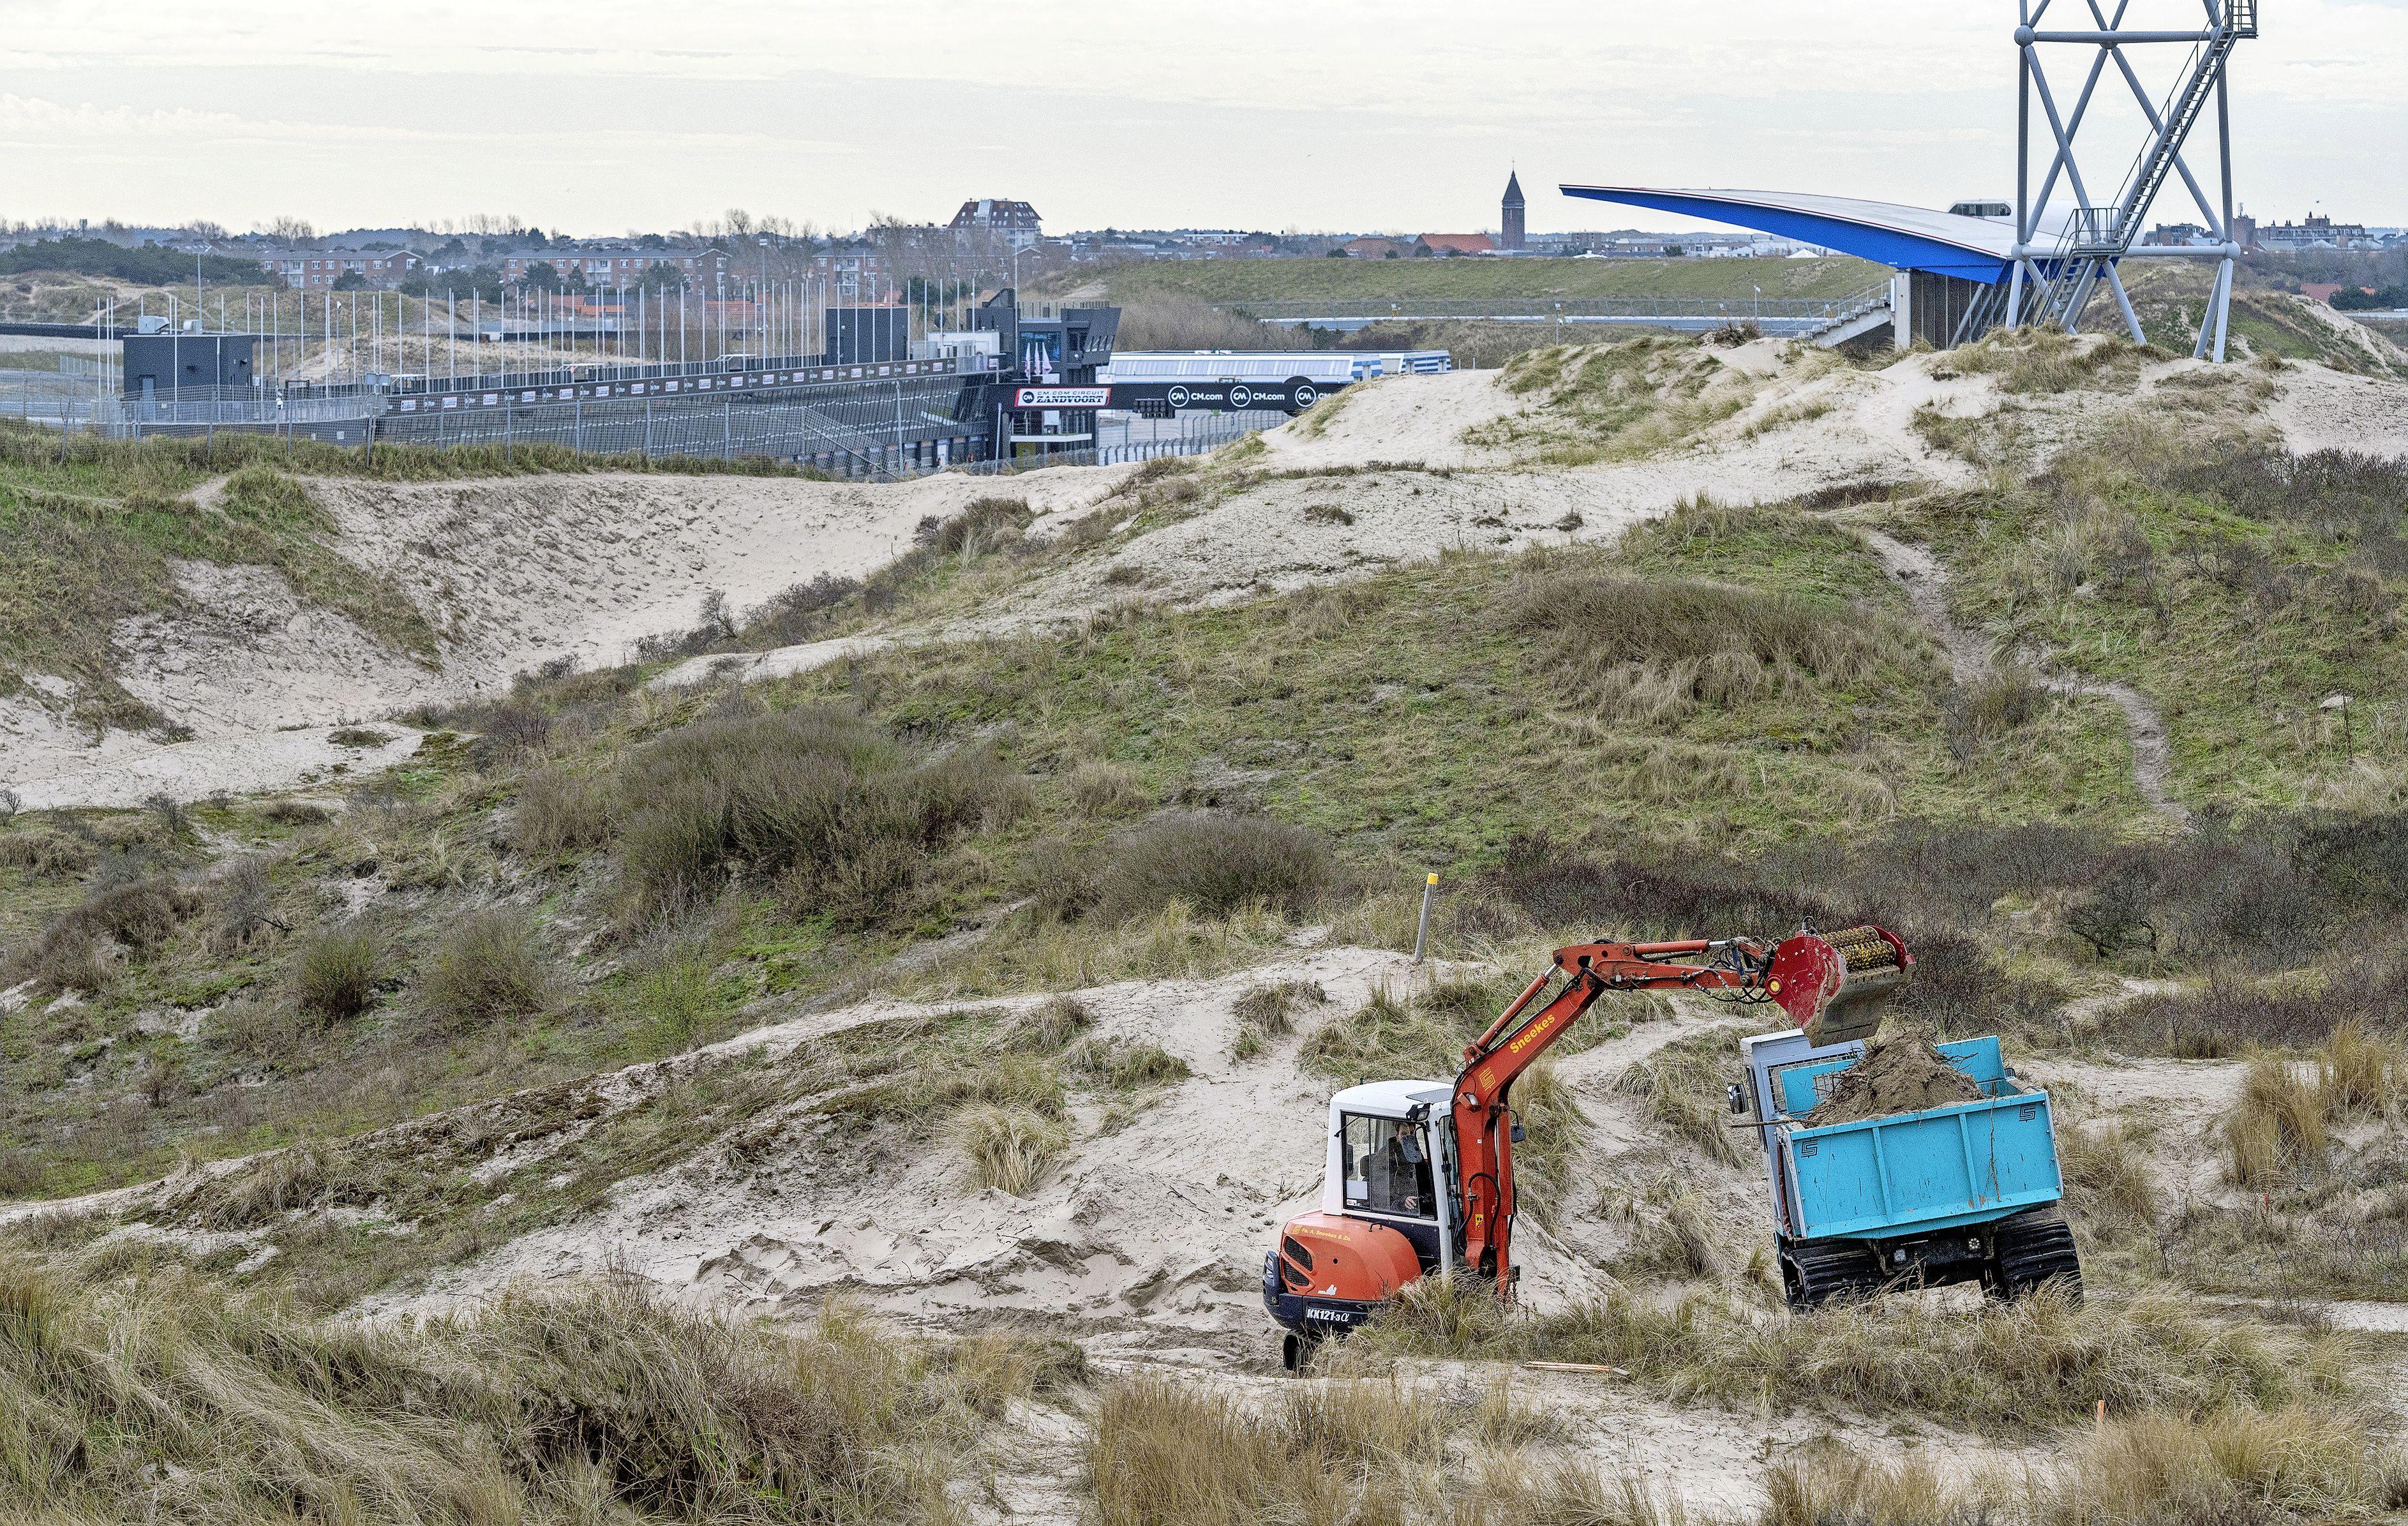 Opnieuw graafwerk in de kwetsbare duinen bij Circuit Zandvoort, toch klinkt er geen protest. Hoe zit dat?